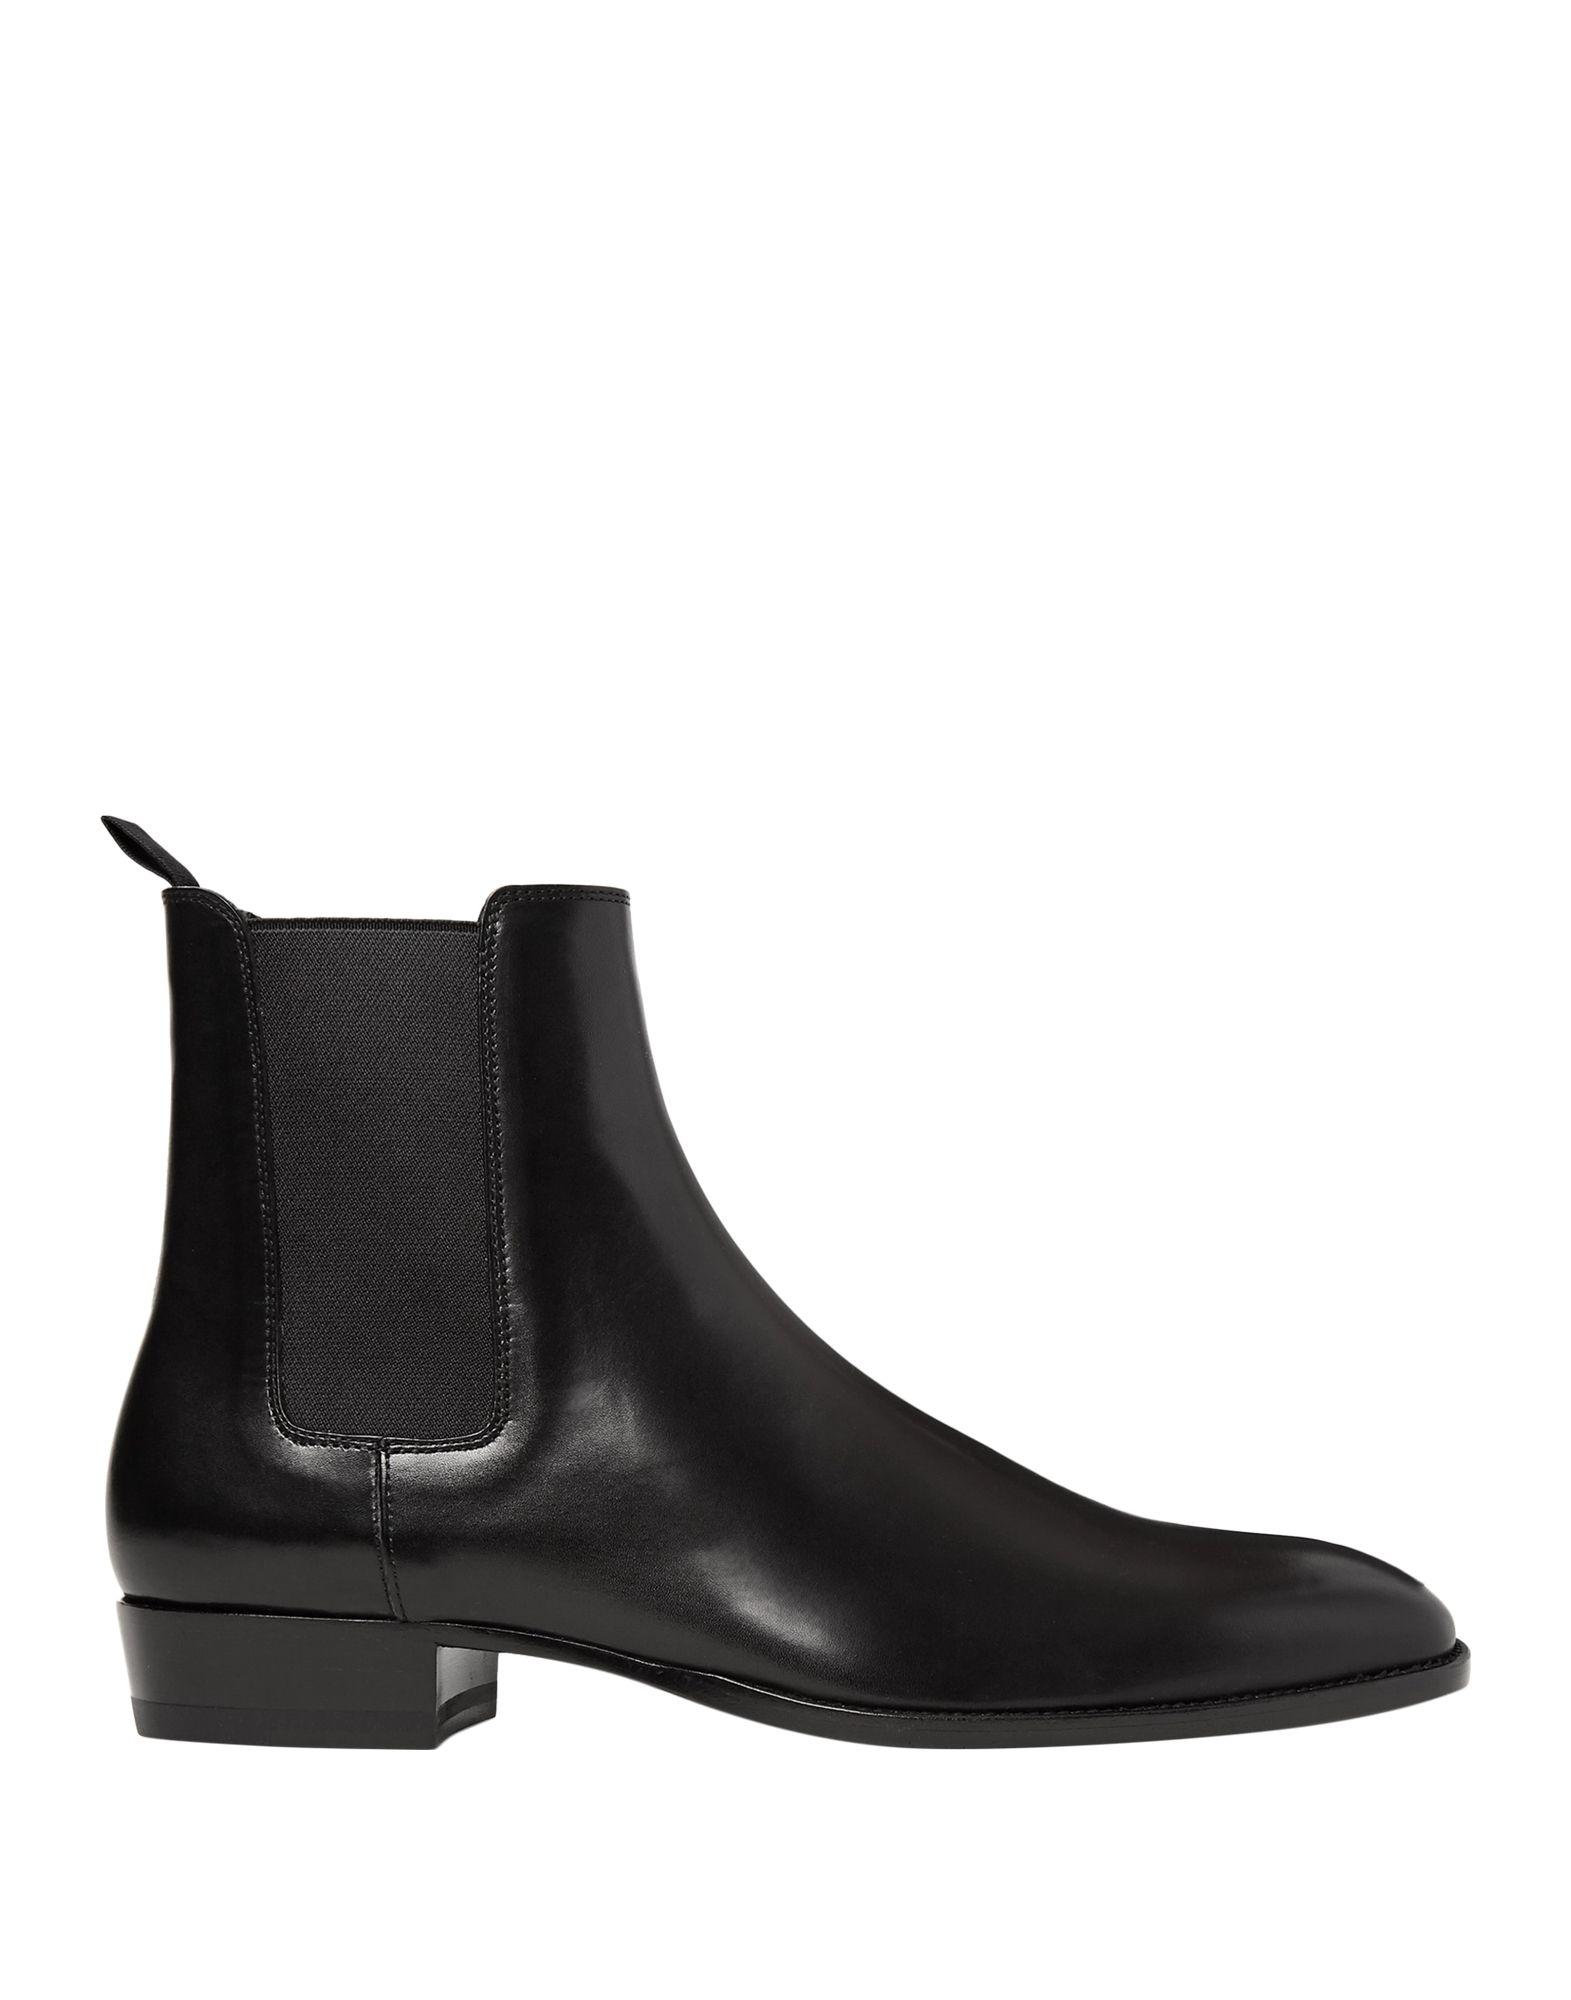 SAINT LAURENT Полусапоги и высокие ботинки